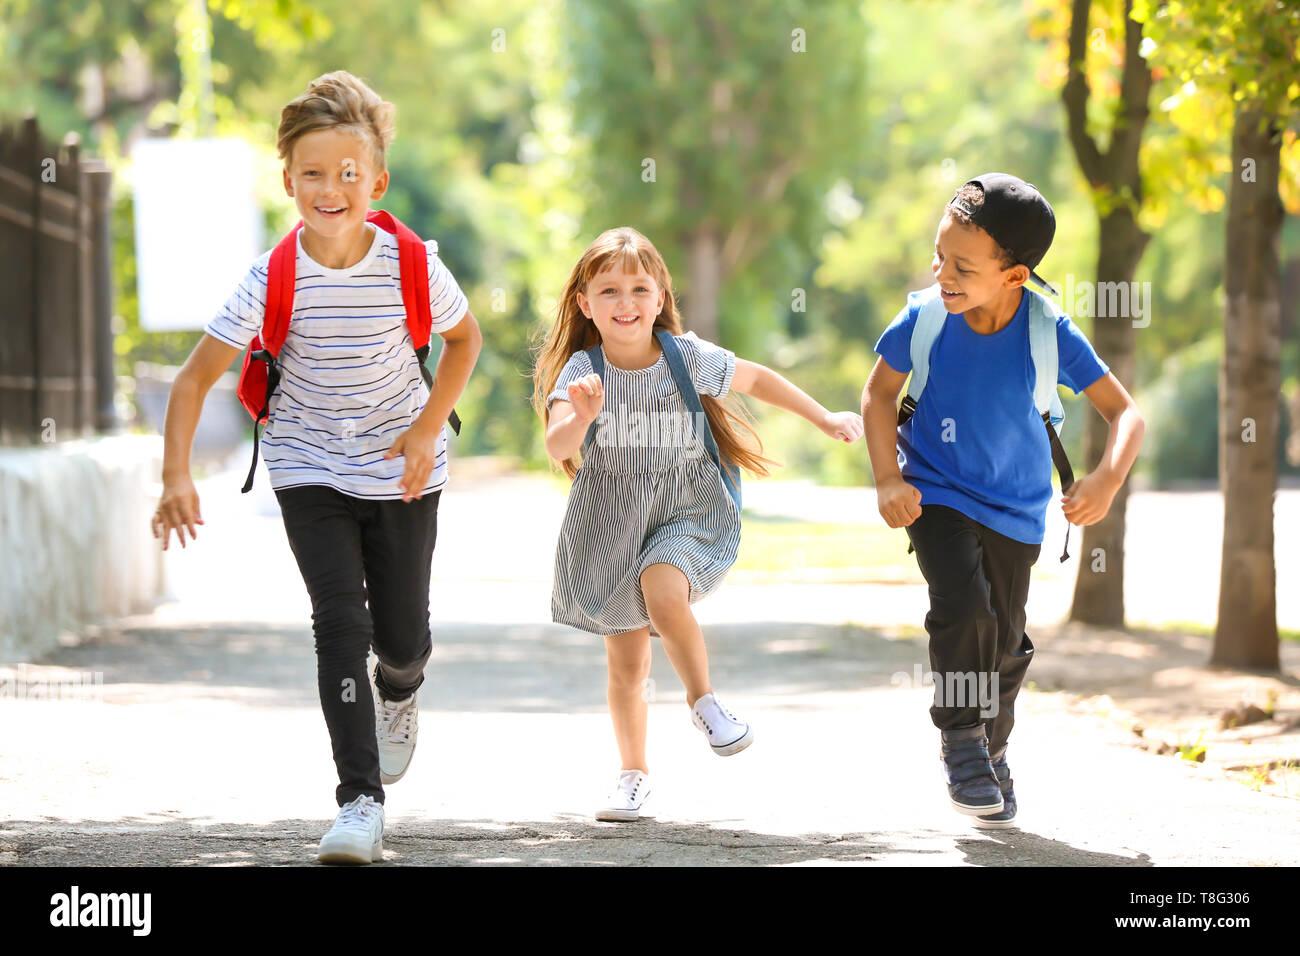 Cute little schoolchildren running outdoors - Stock Image